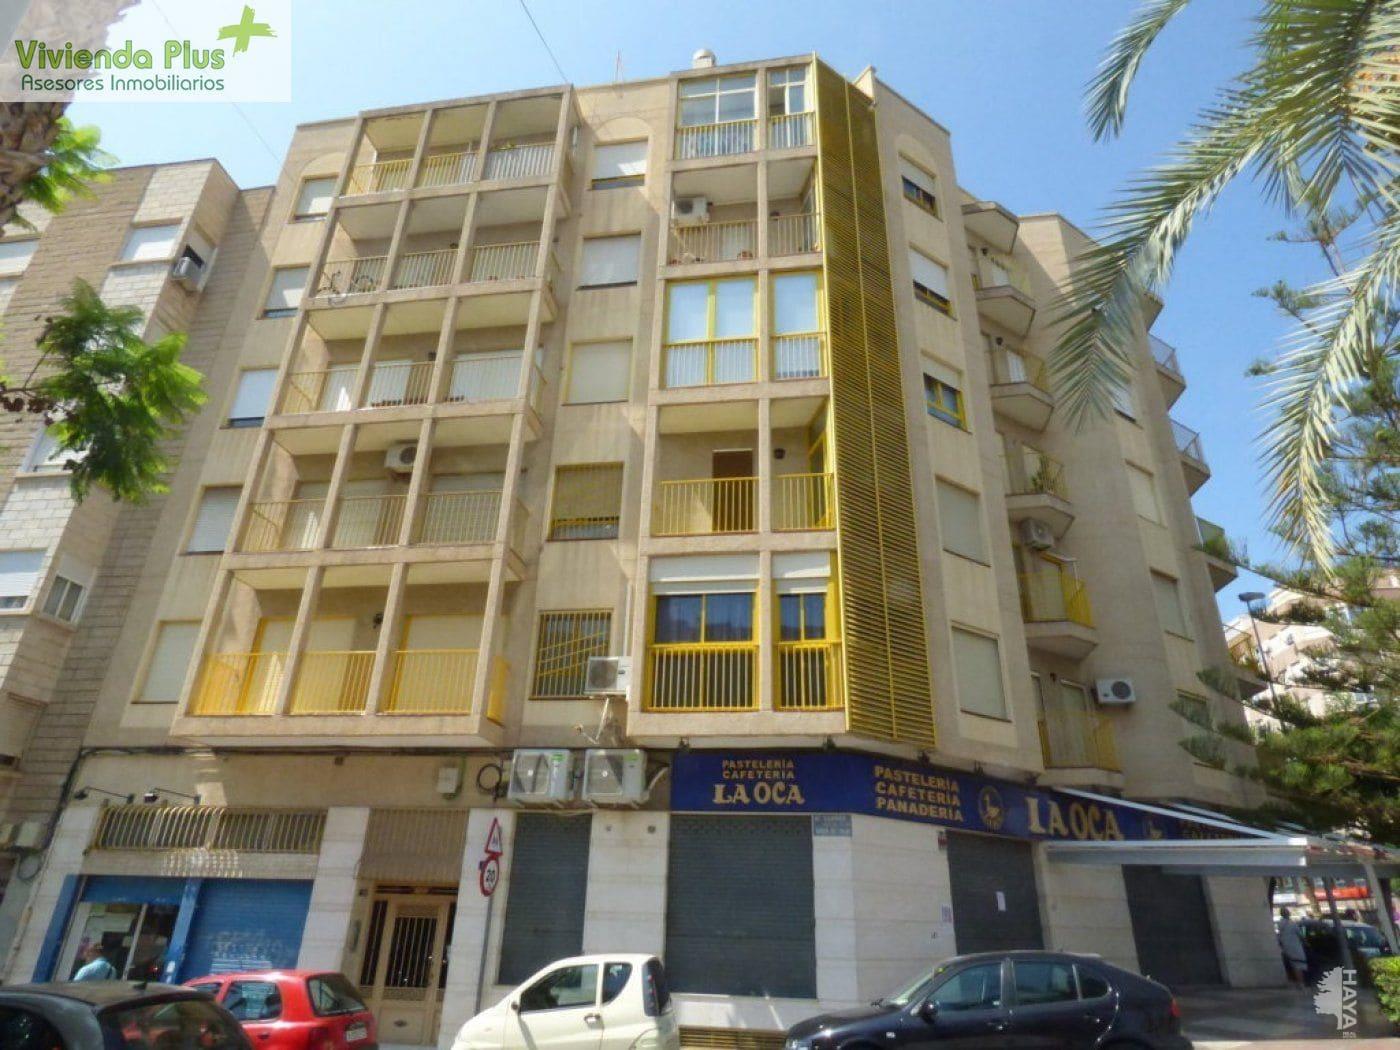 Piso en venta en Piso en Crevillent, Alicante, 70.000 €, 3 habitaciones, 1 baño, 108 m2